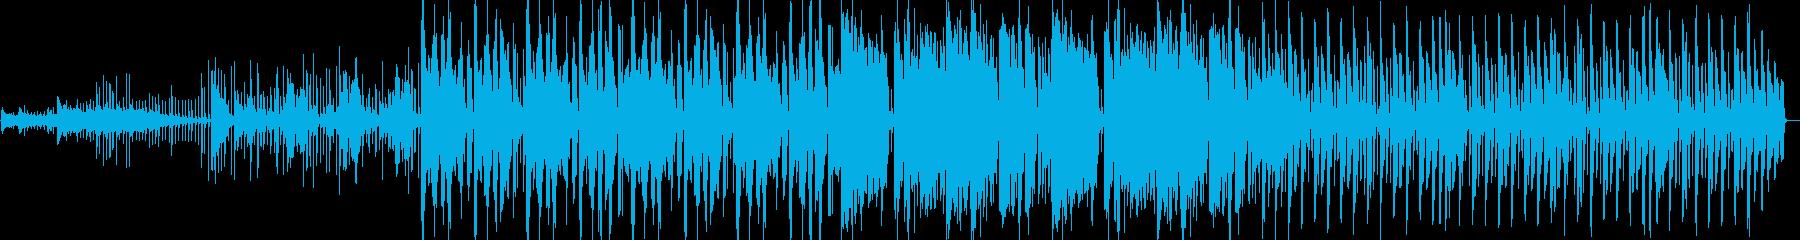 EDMで1分間ジワジワ盛り上げていきますの再生済みの波形